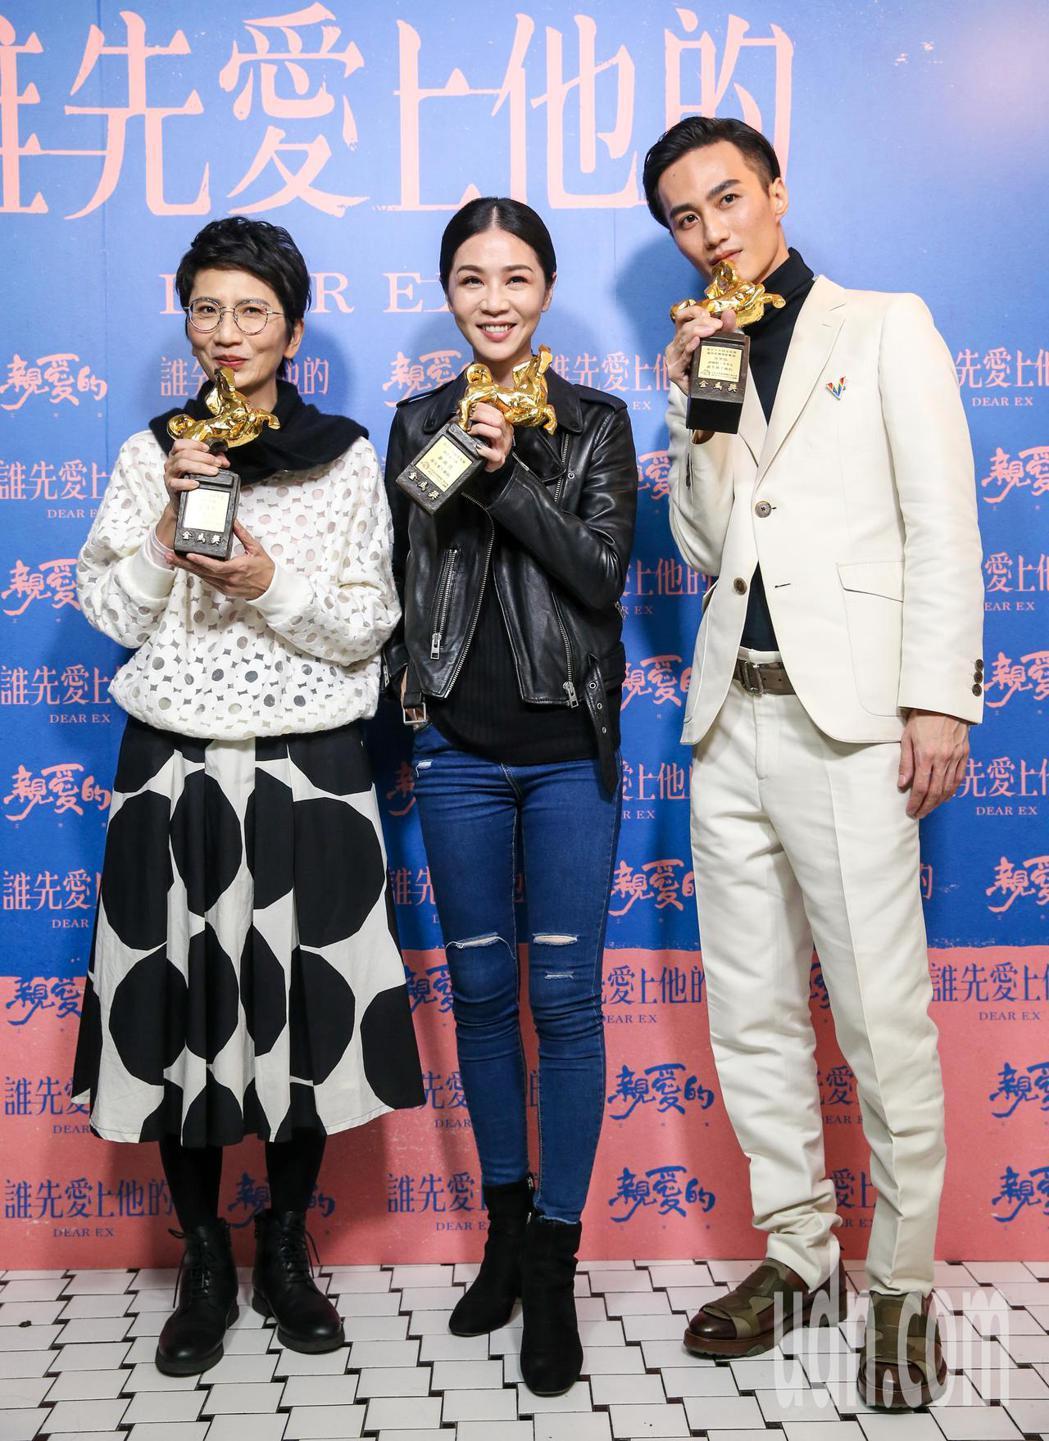 雷震卿(左起)、謝盈萱、李英宏三人開心慶功。記者鄭清元/攝影